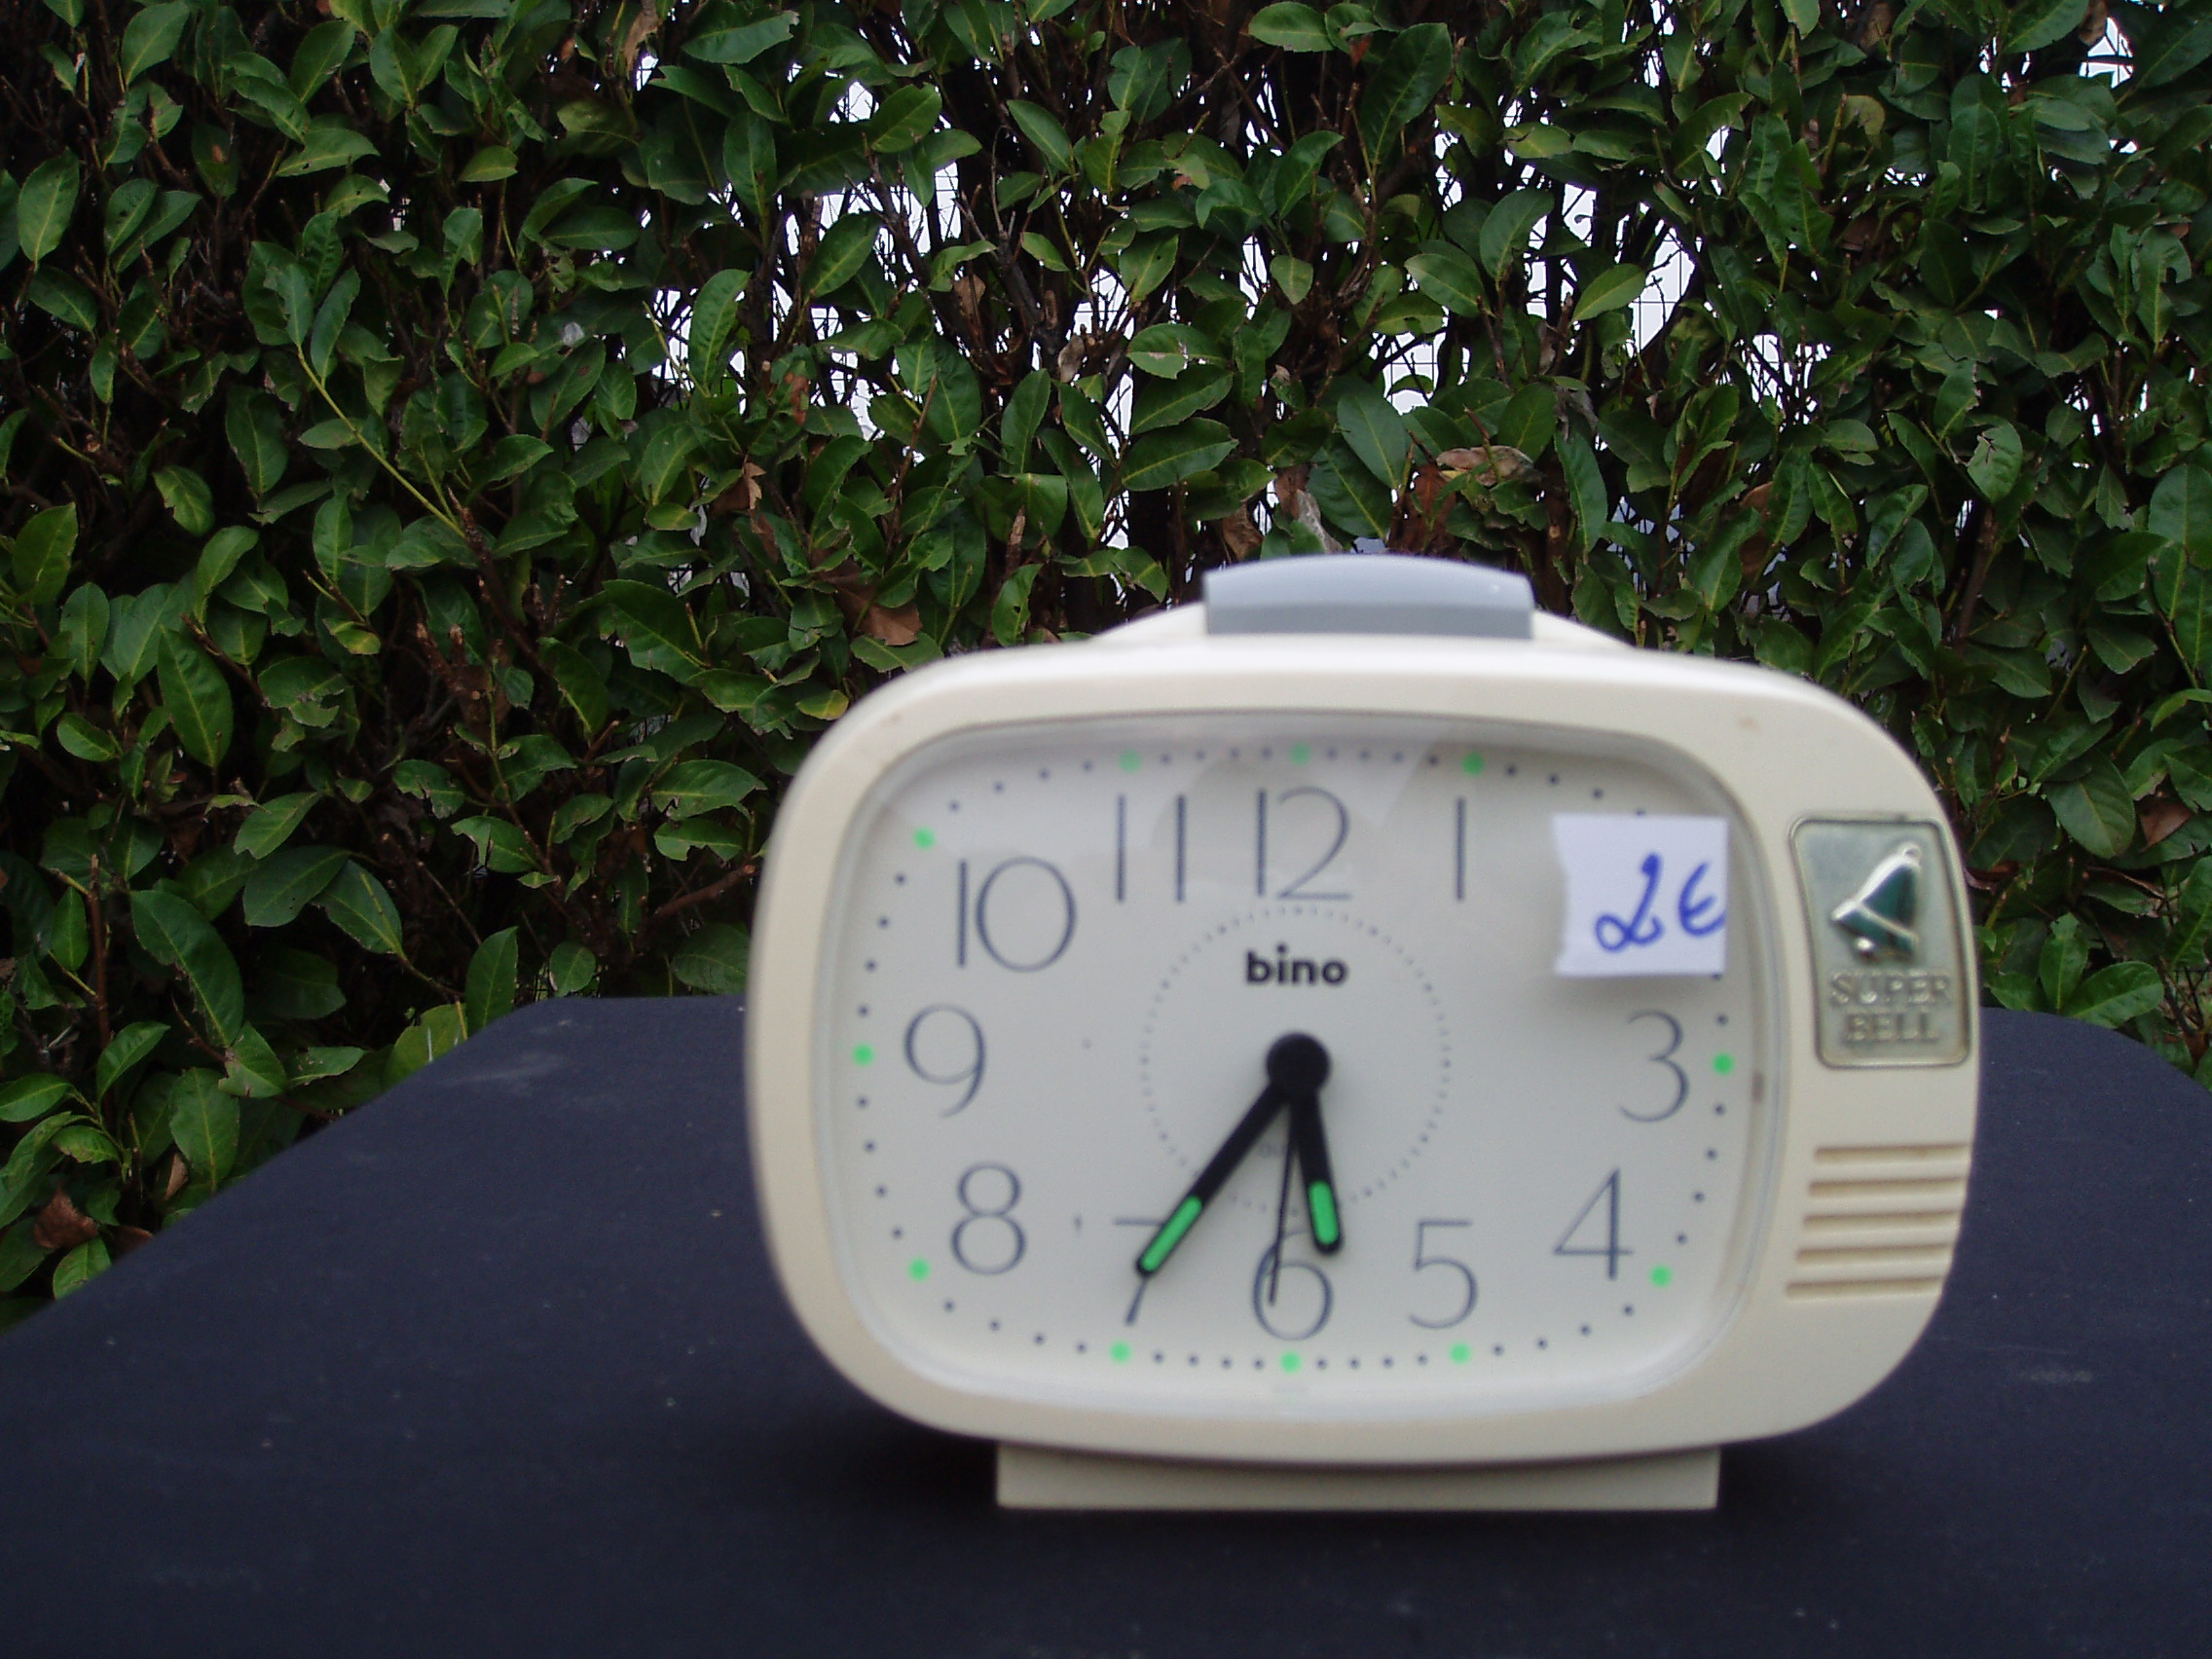 Usato orologi monza e brianza il tendone solidale for Mercatino usato monza